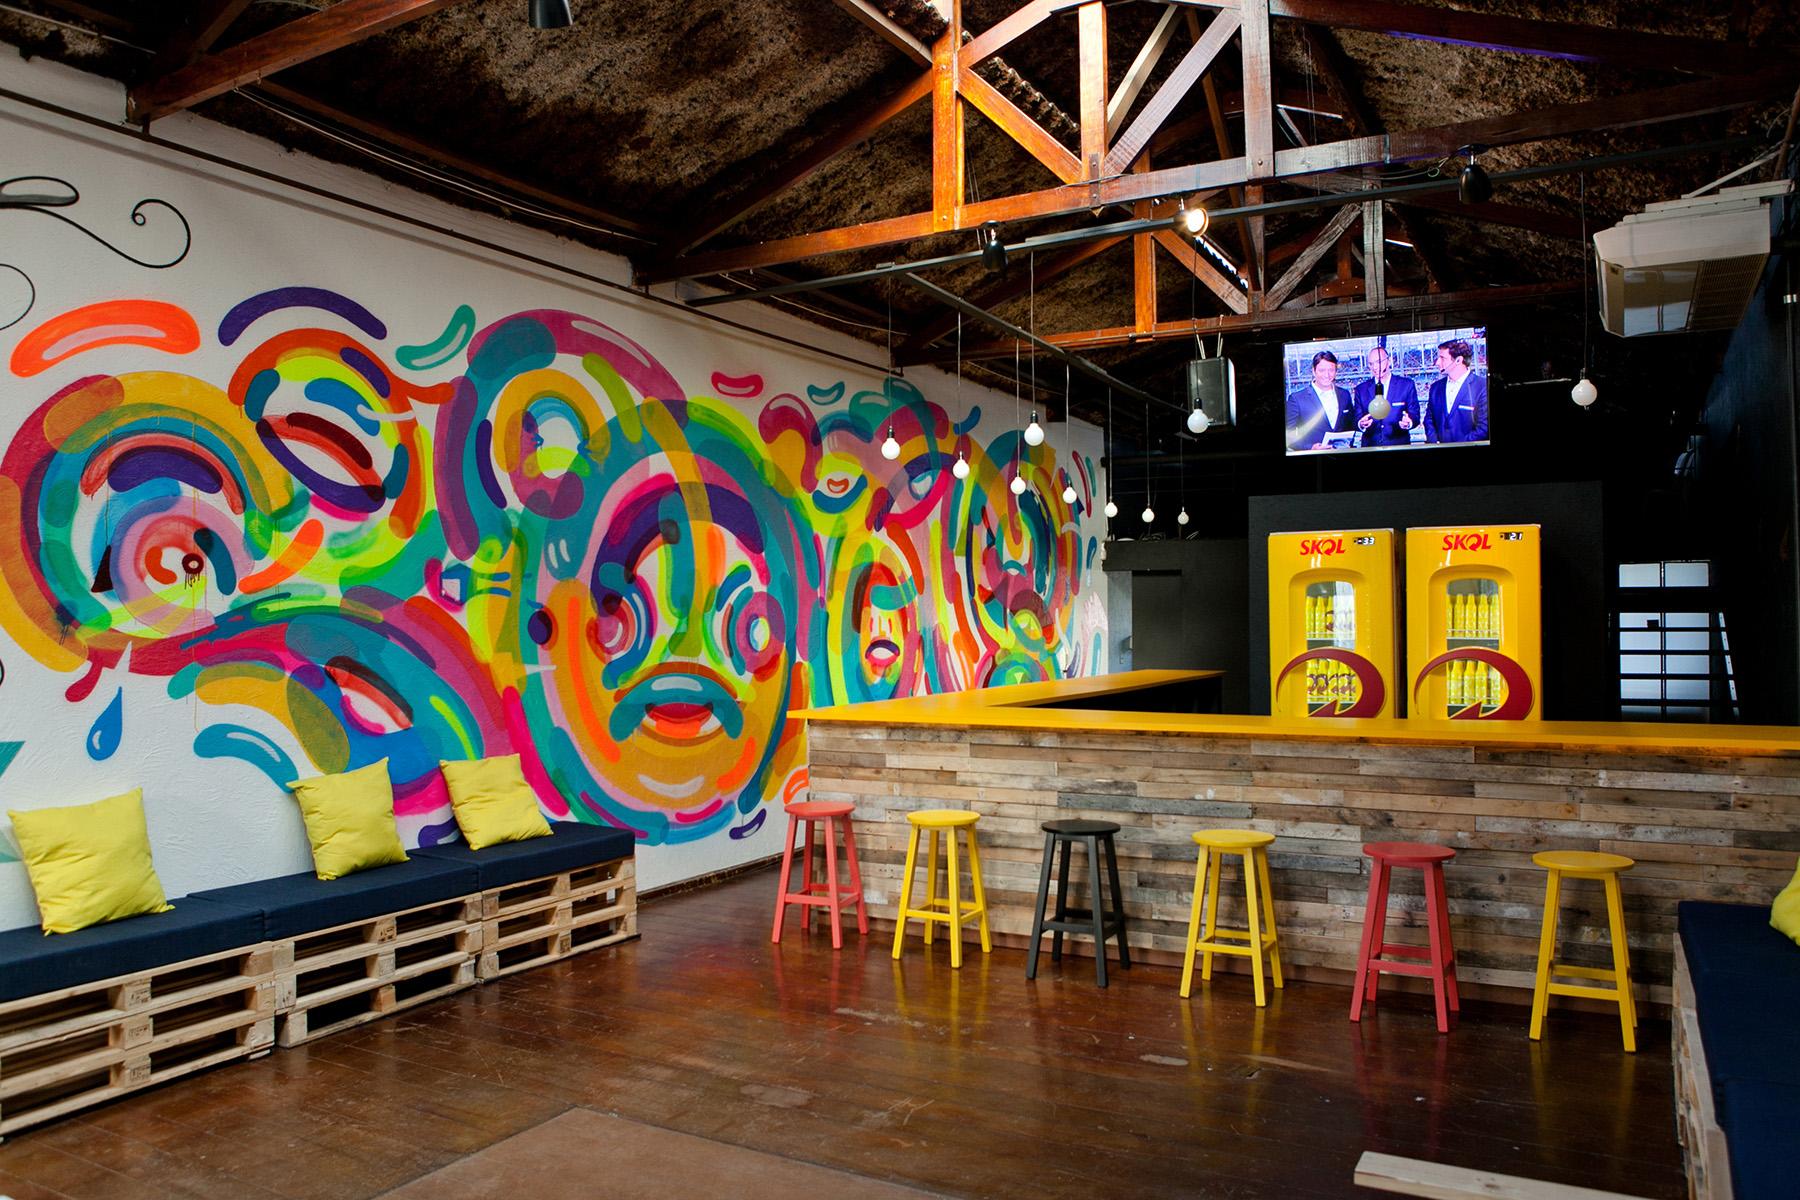 arte em hostel da skol na vila arte graffiti grafite interno corporativo